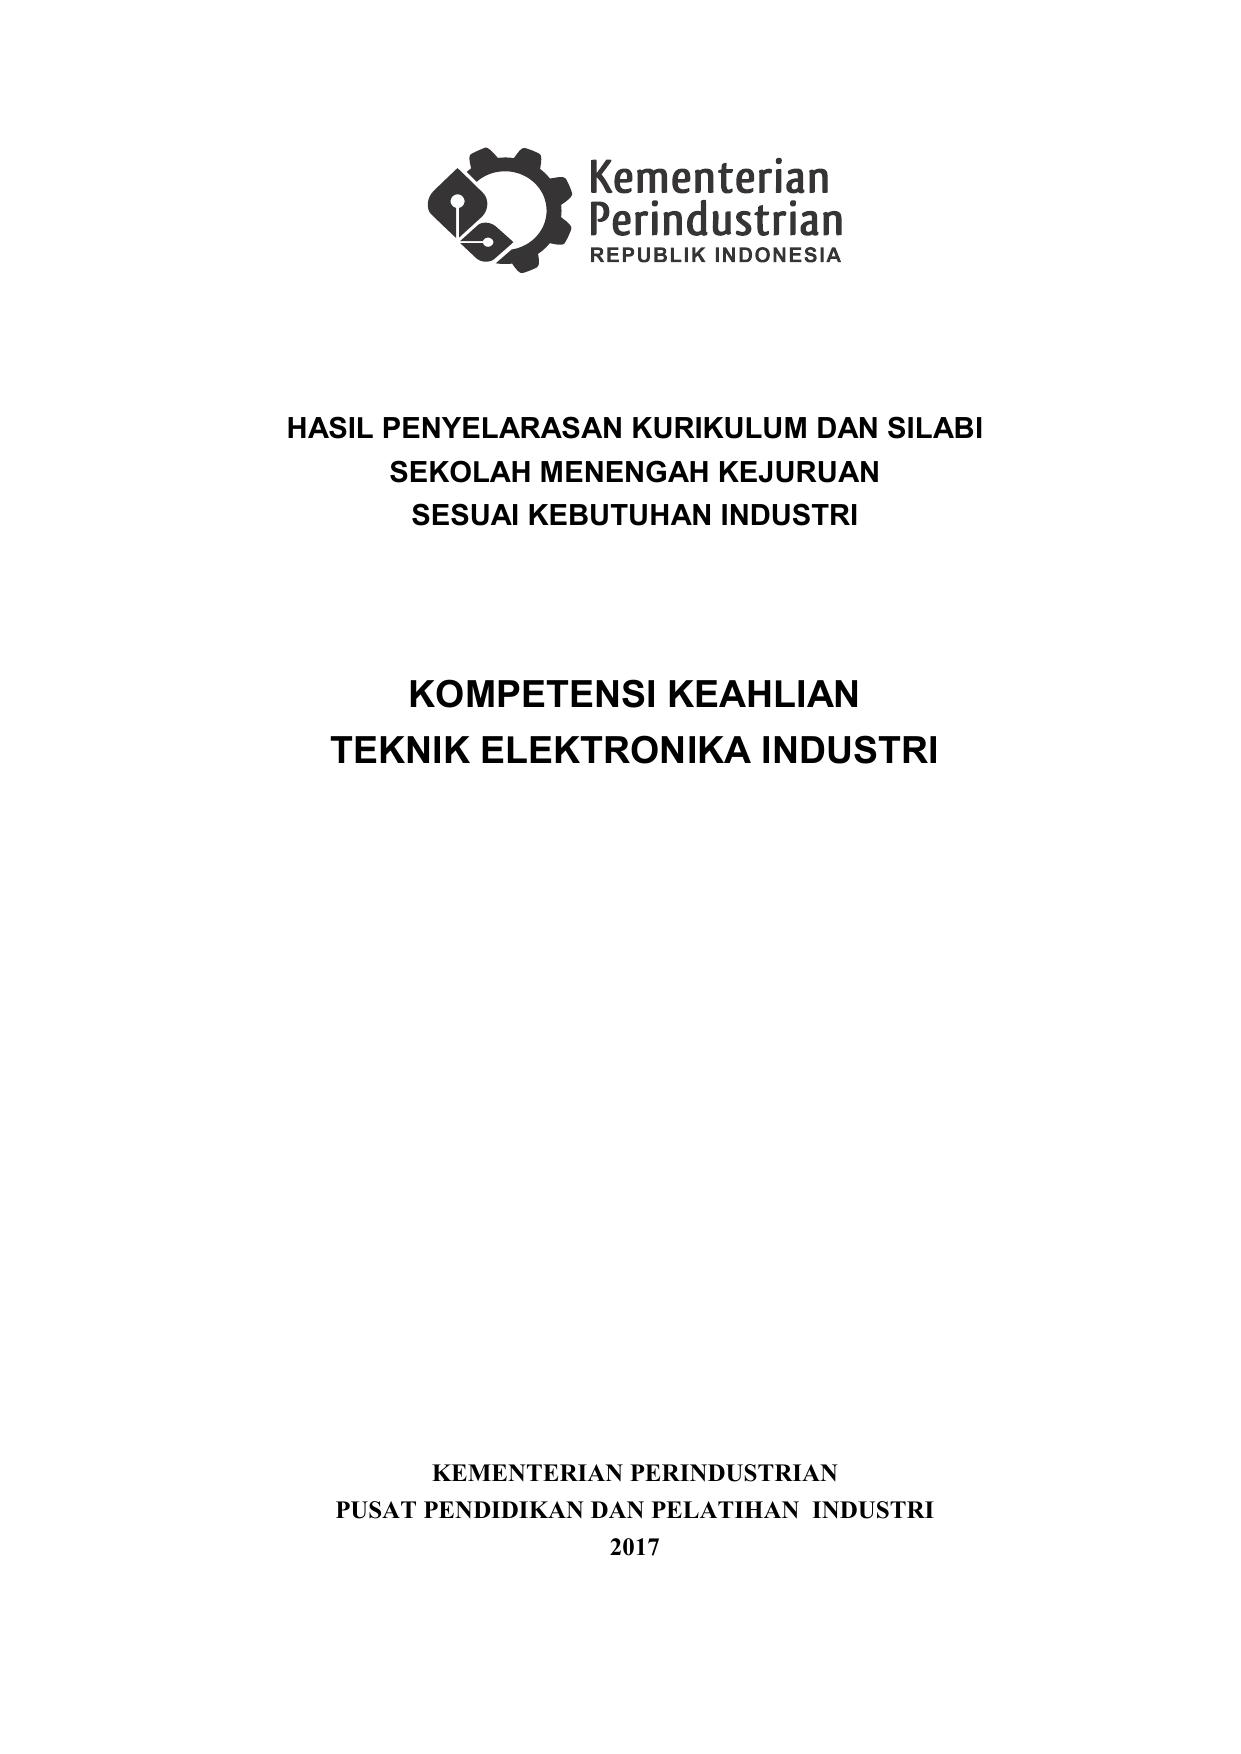 Gabung 4 Silabus Teknik Elektronika Industri 78 Hal